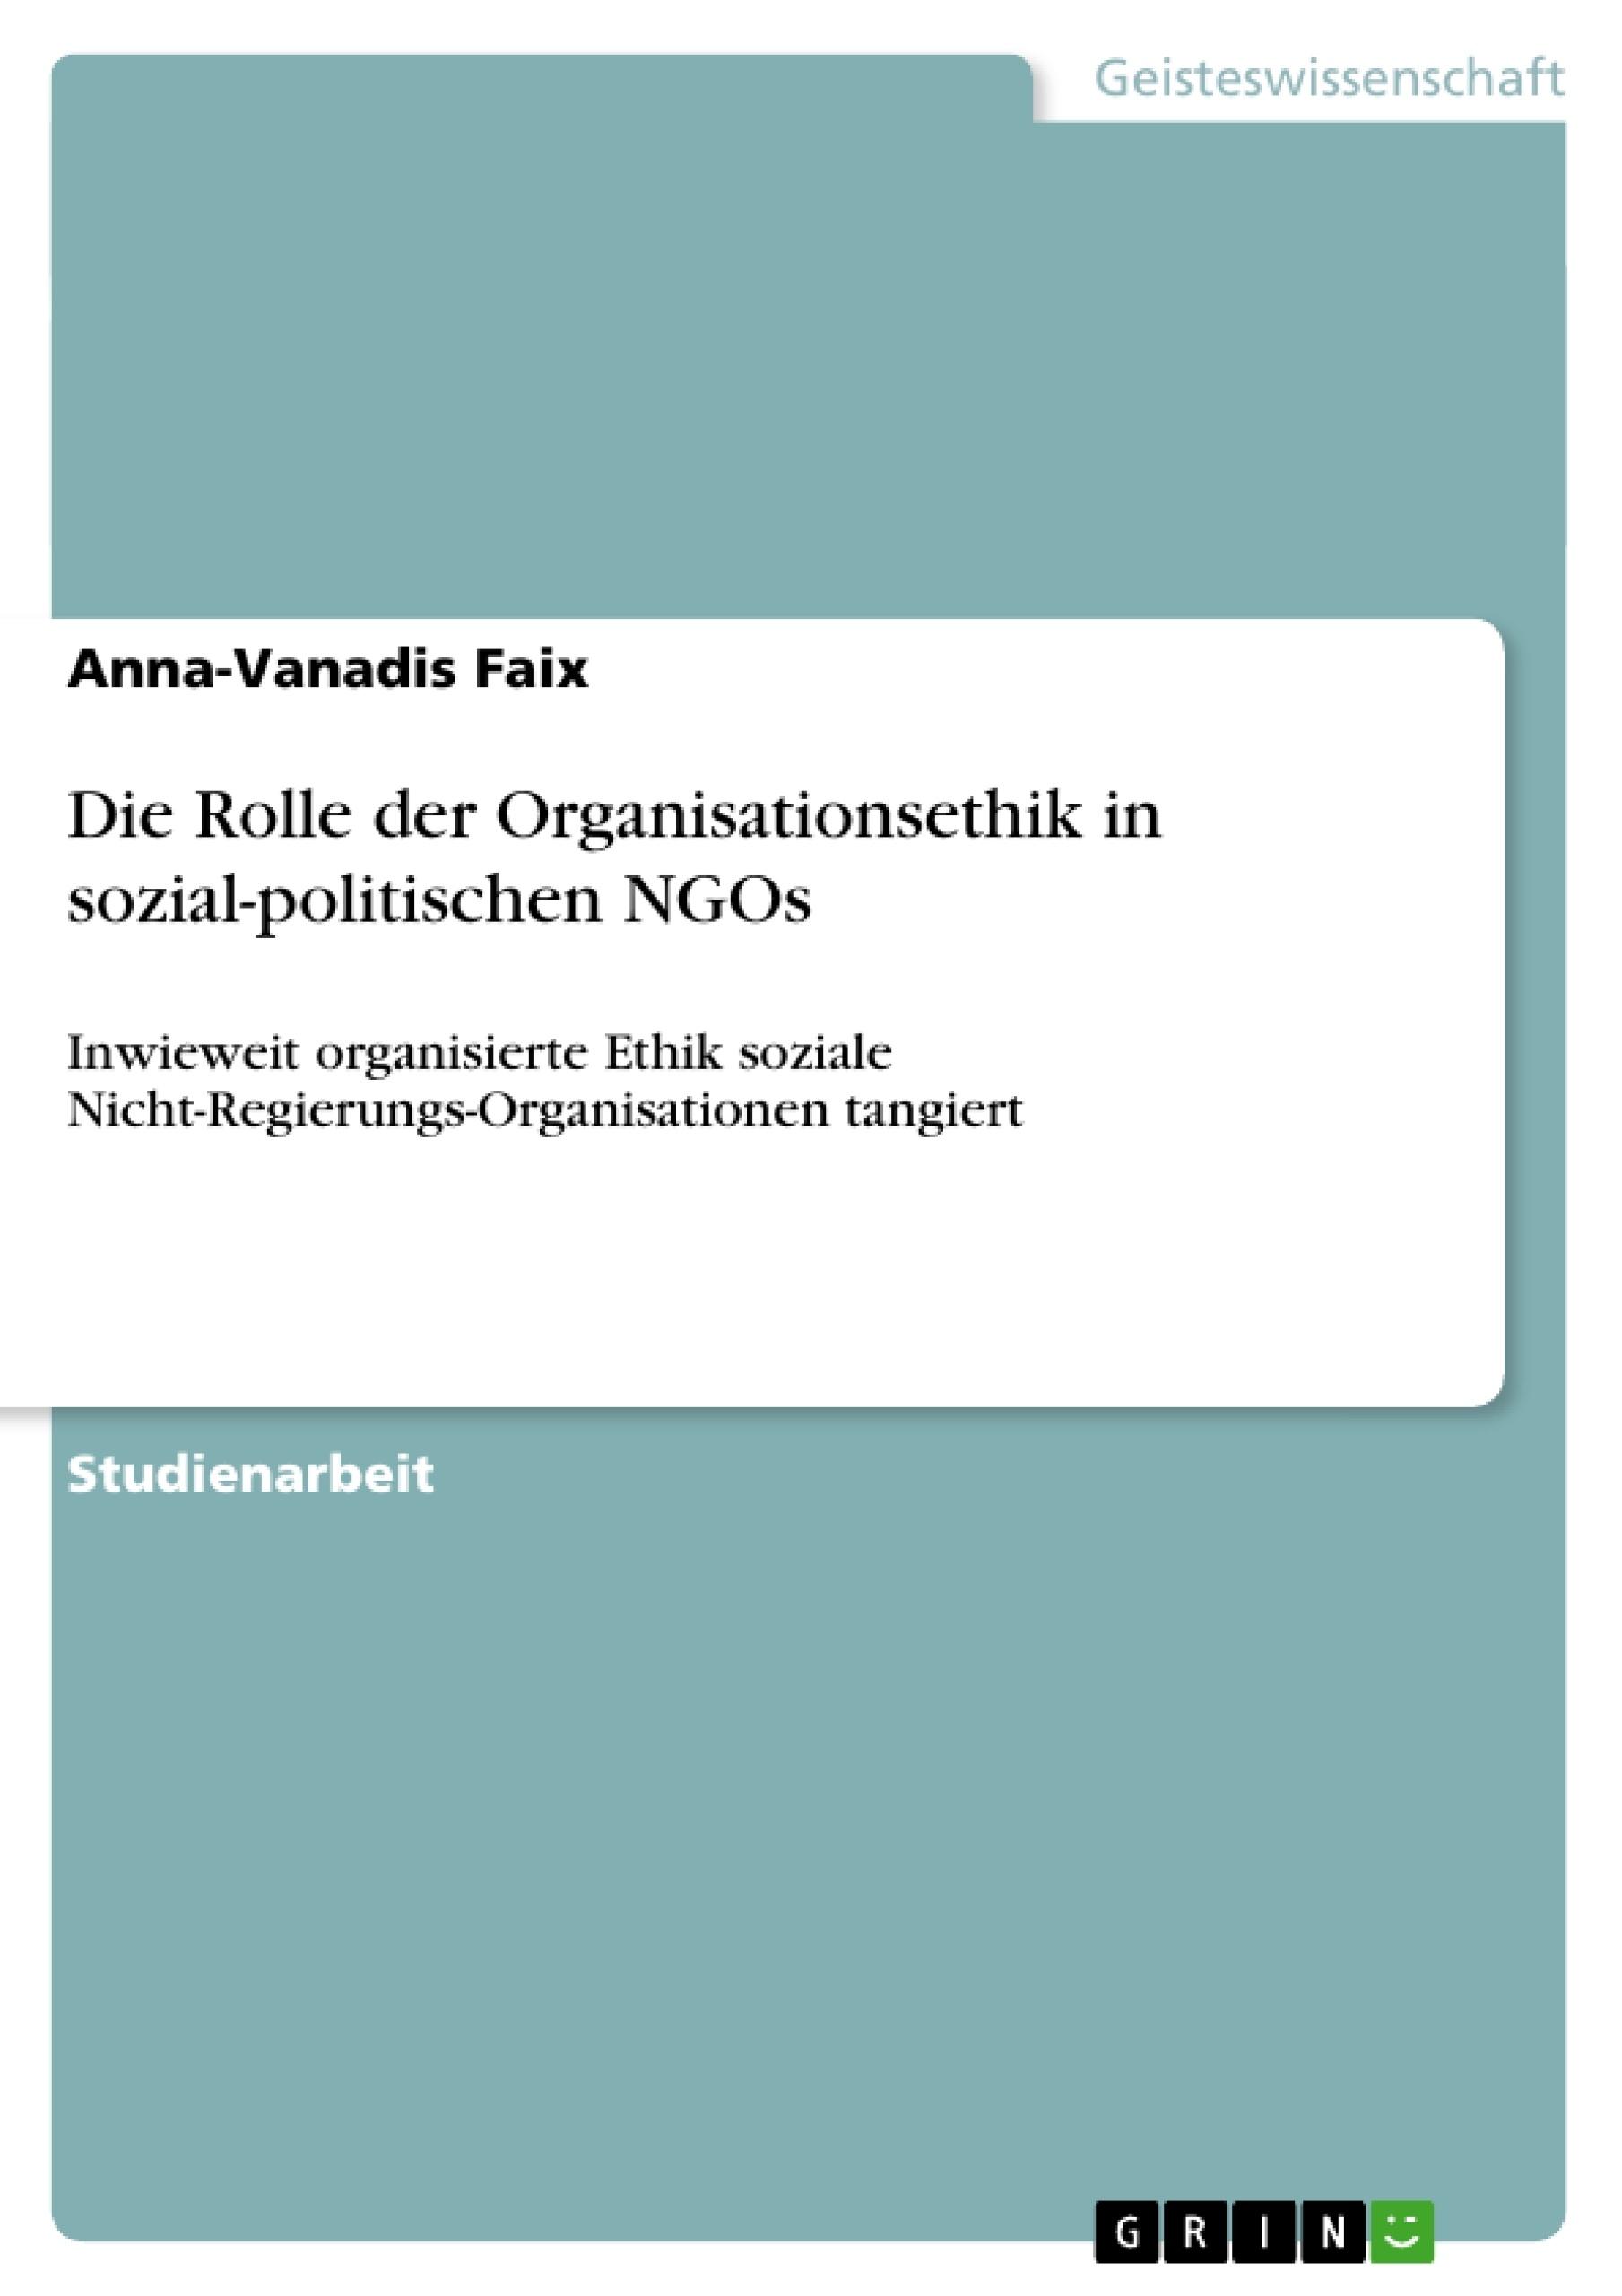 Titel: Die Rolle der Organisationsethik in sozial-politischen NGOs